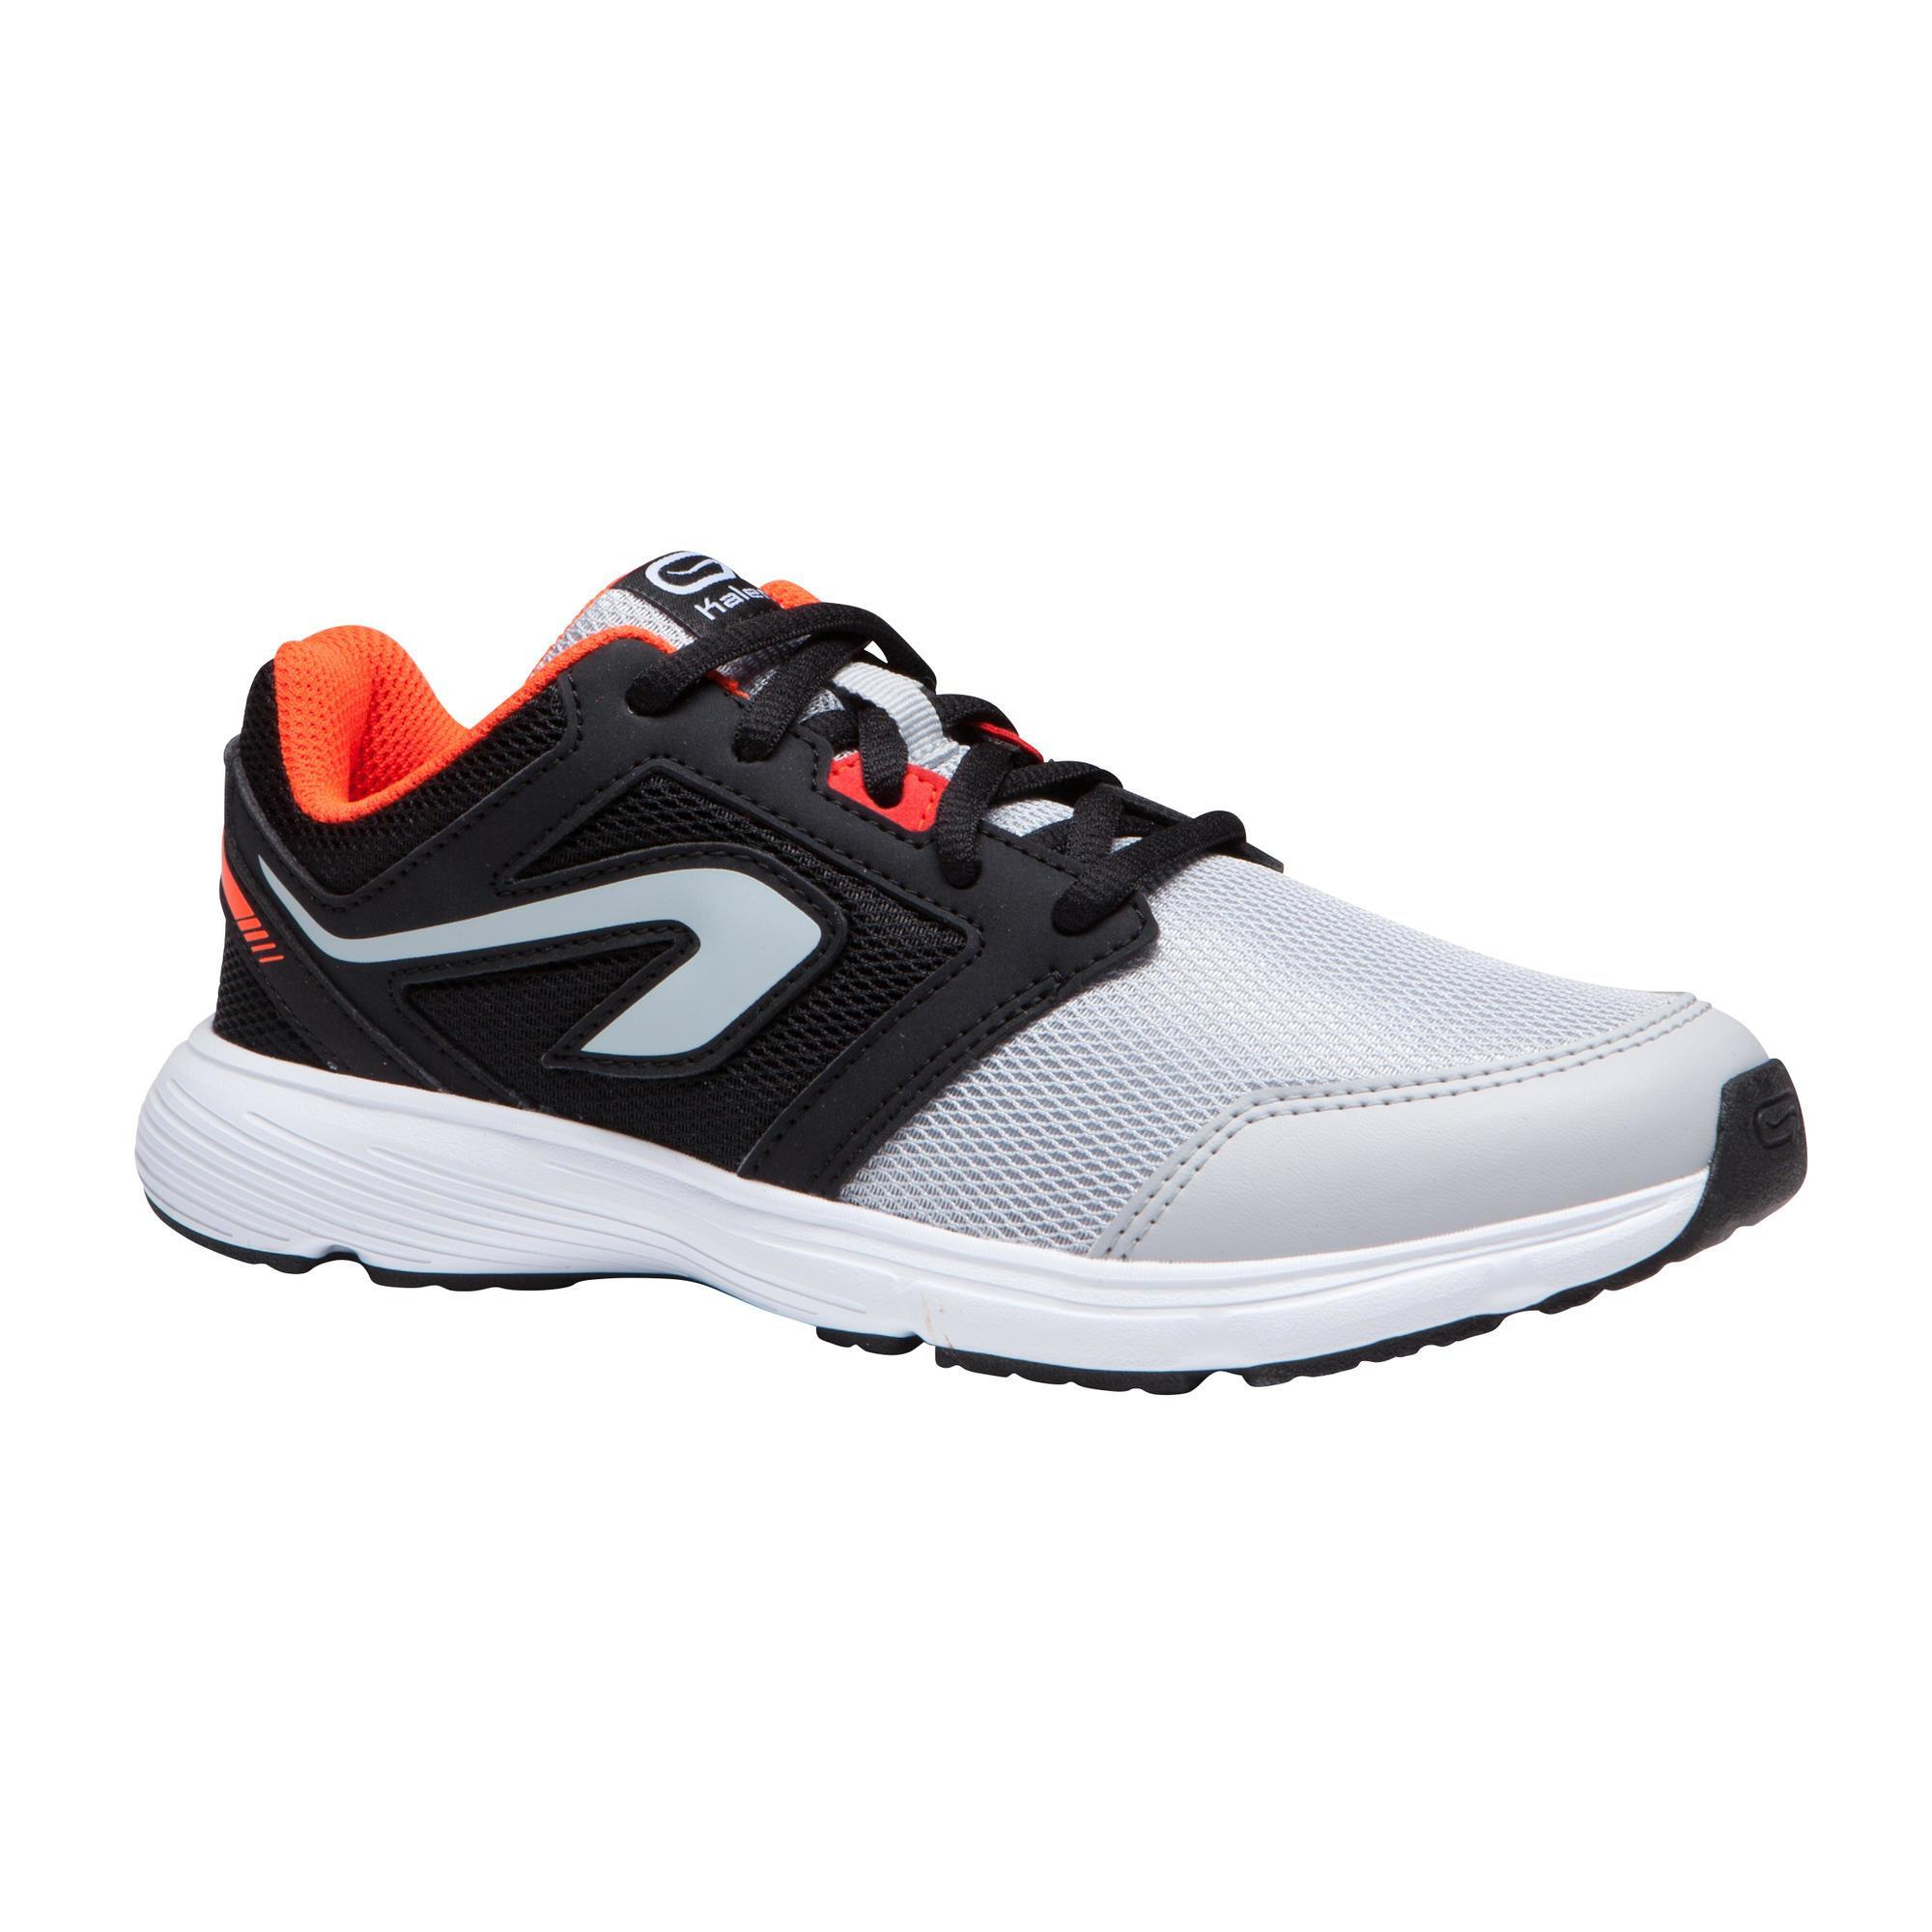 Kalenji Hardloopschoenen kinderen Run Support veters zwart/grijs/rood